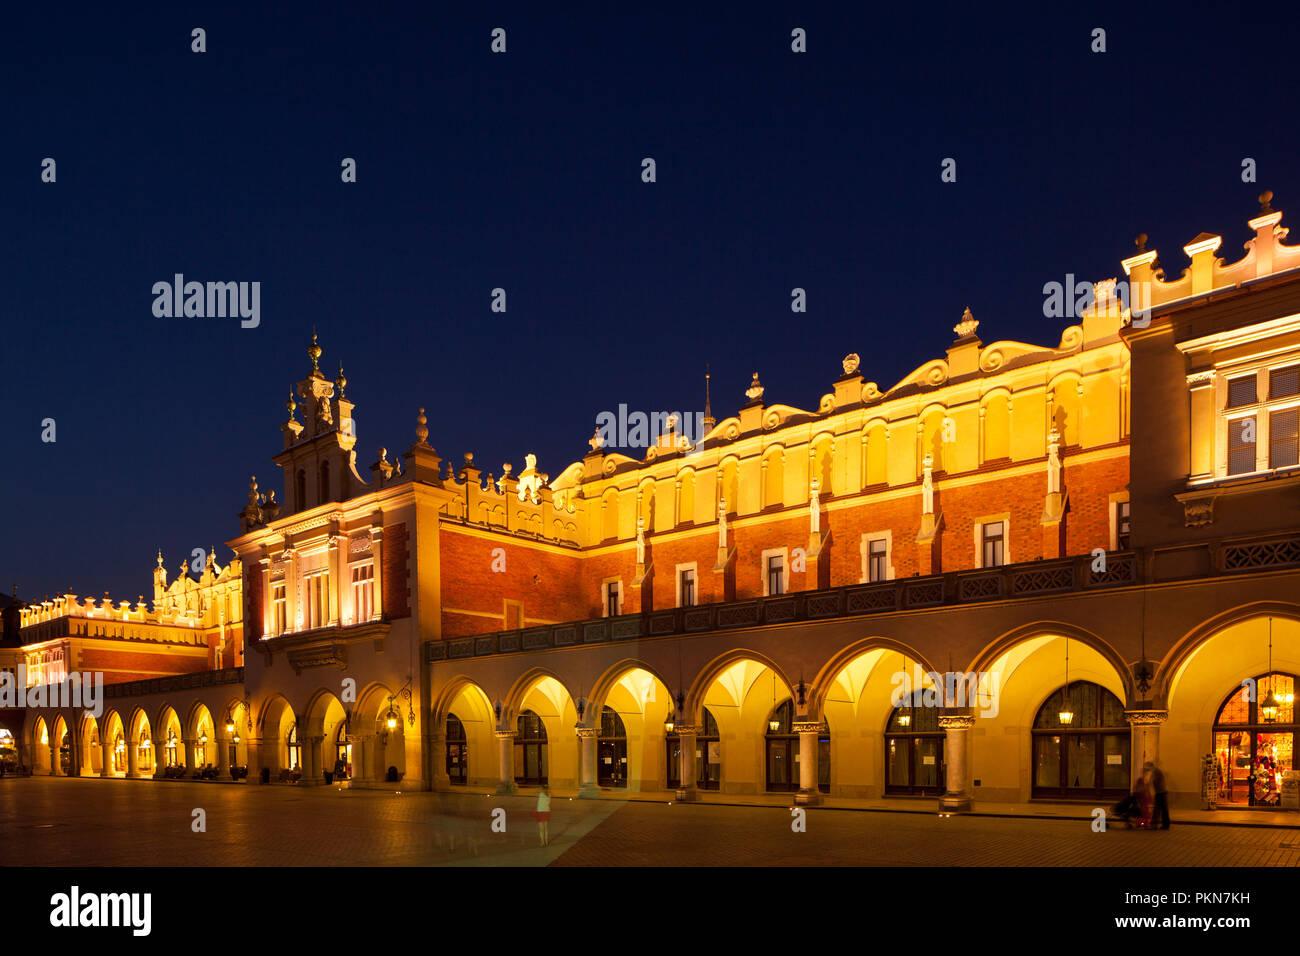 Alte Markthallen, die Tuchhallen auf dem Marktplatz in Krakau - Stock Image